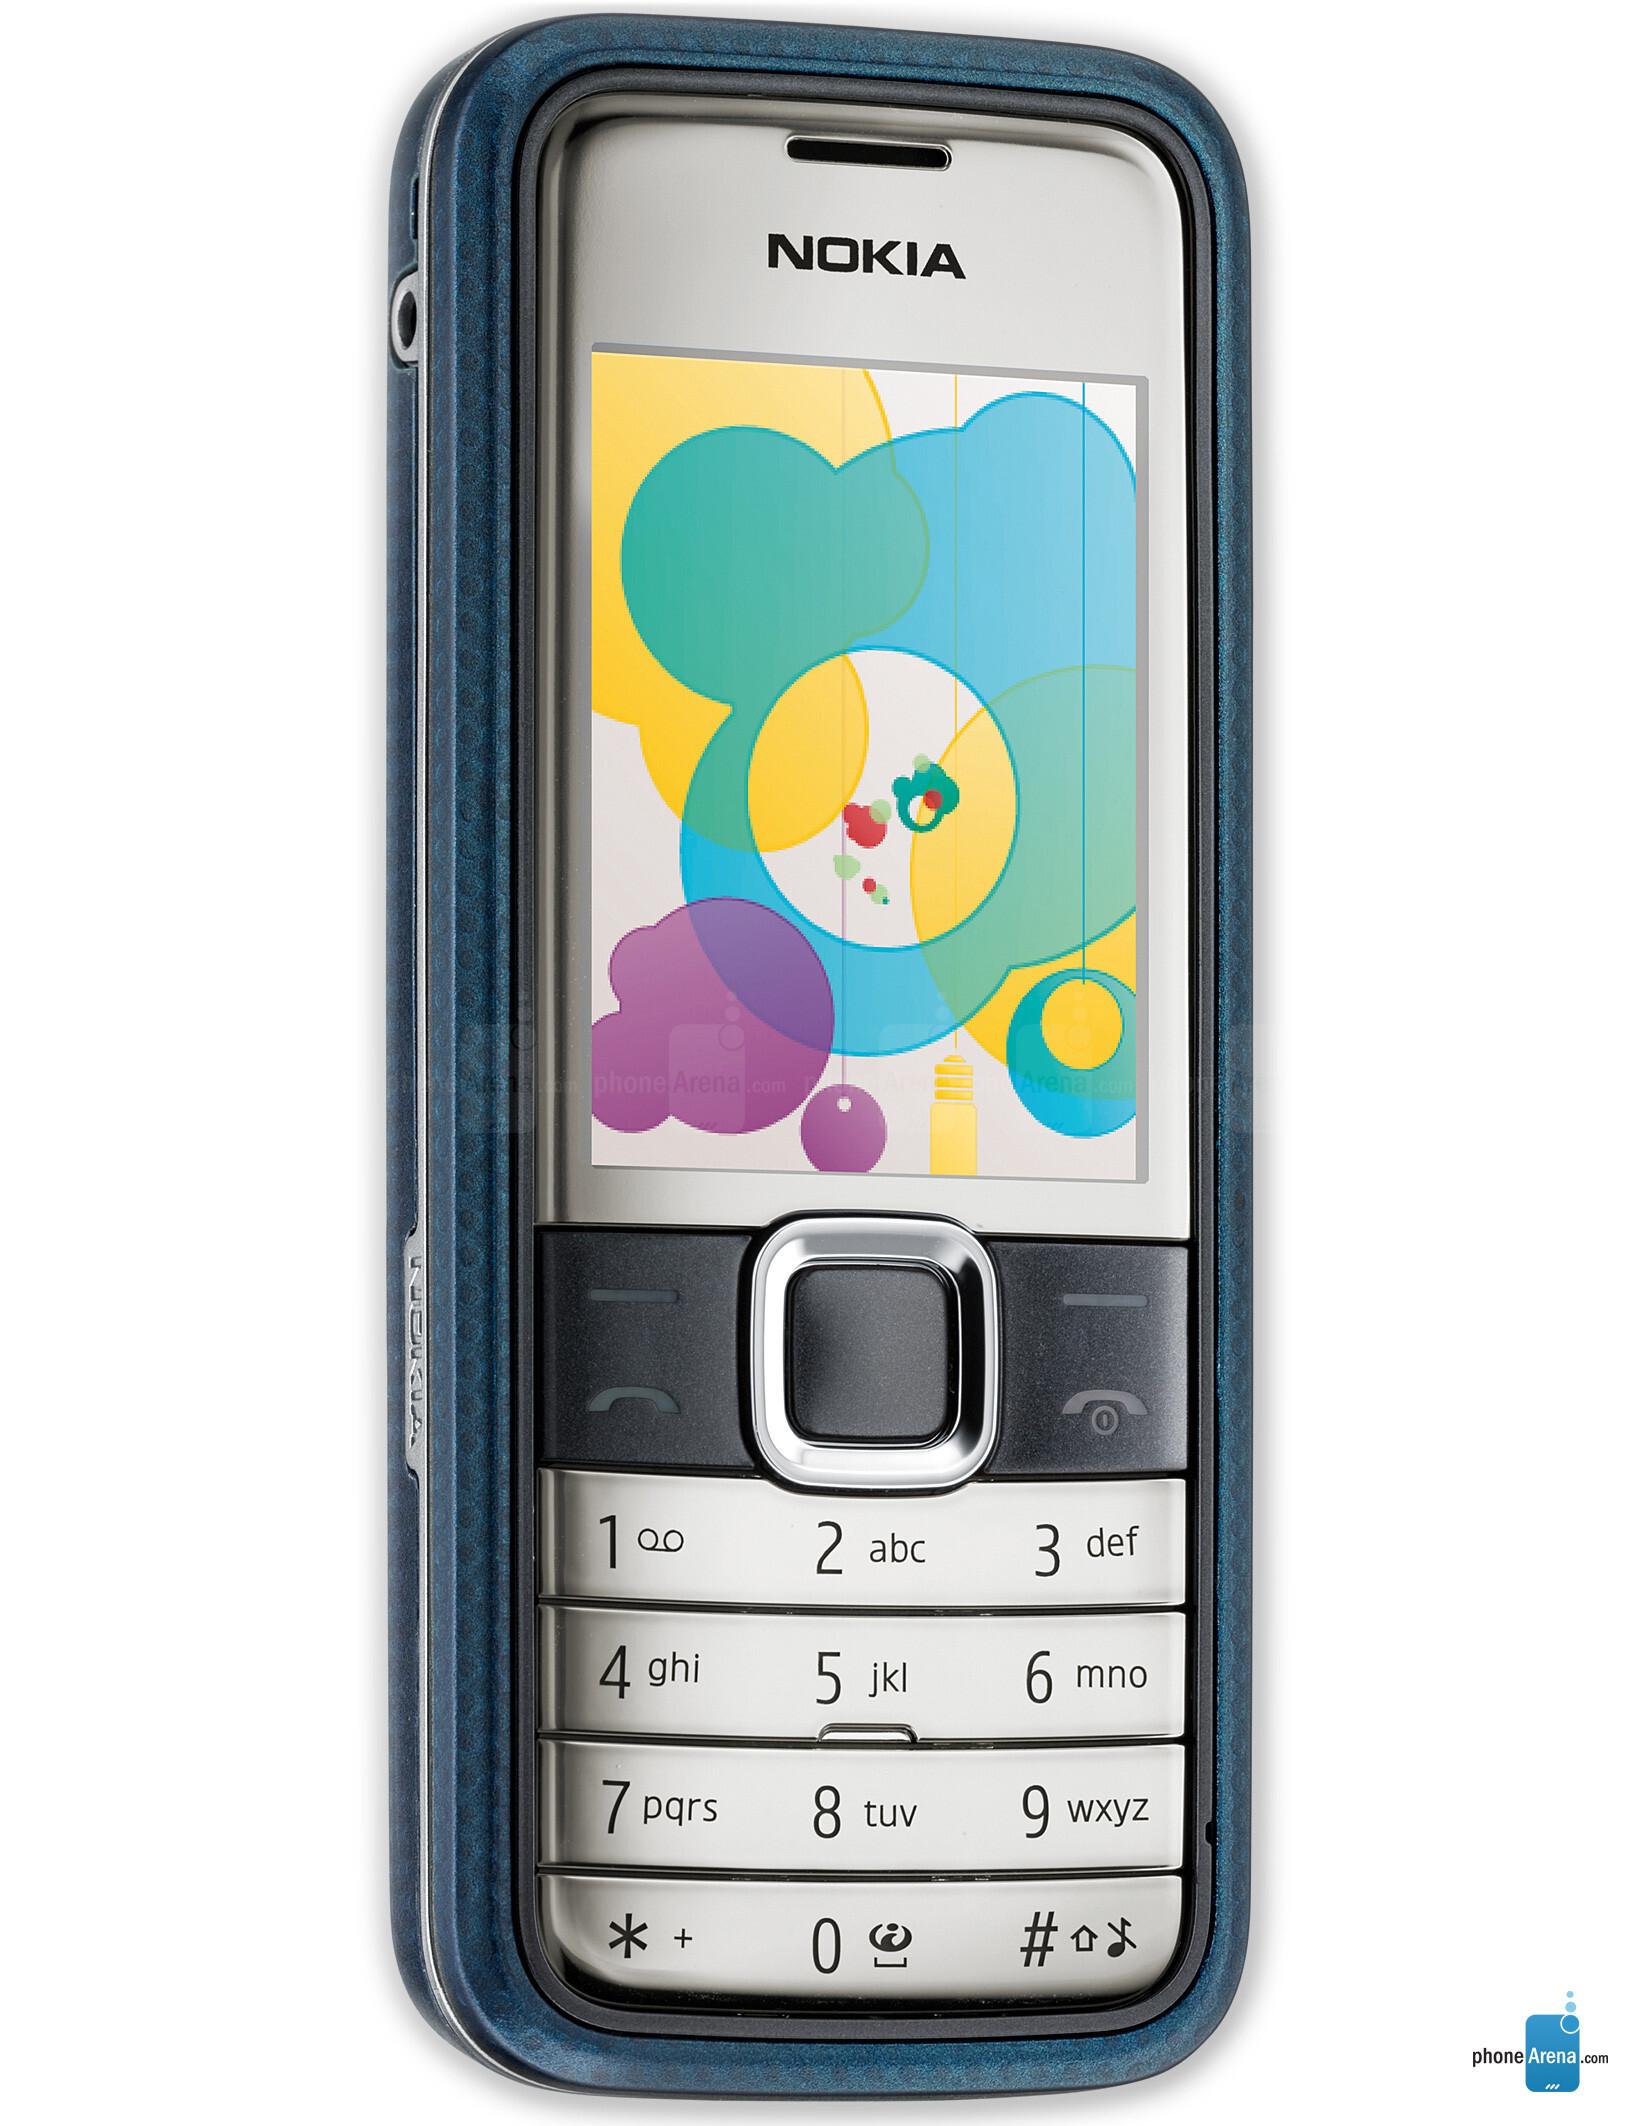 Nokia 7310 supernova review.